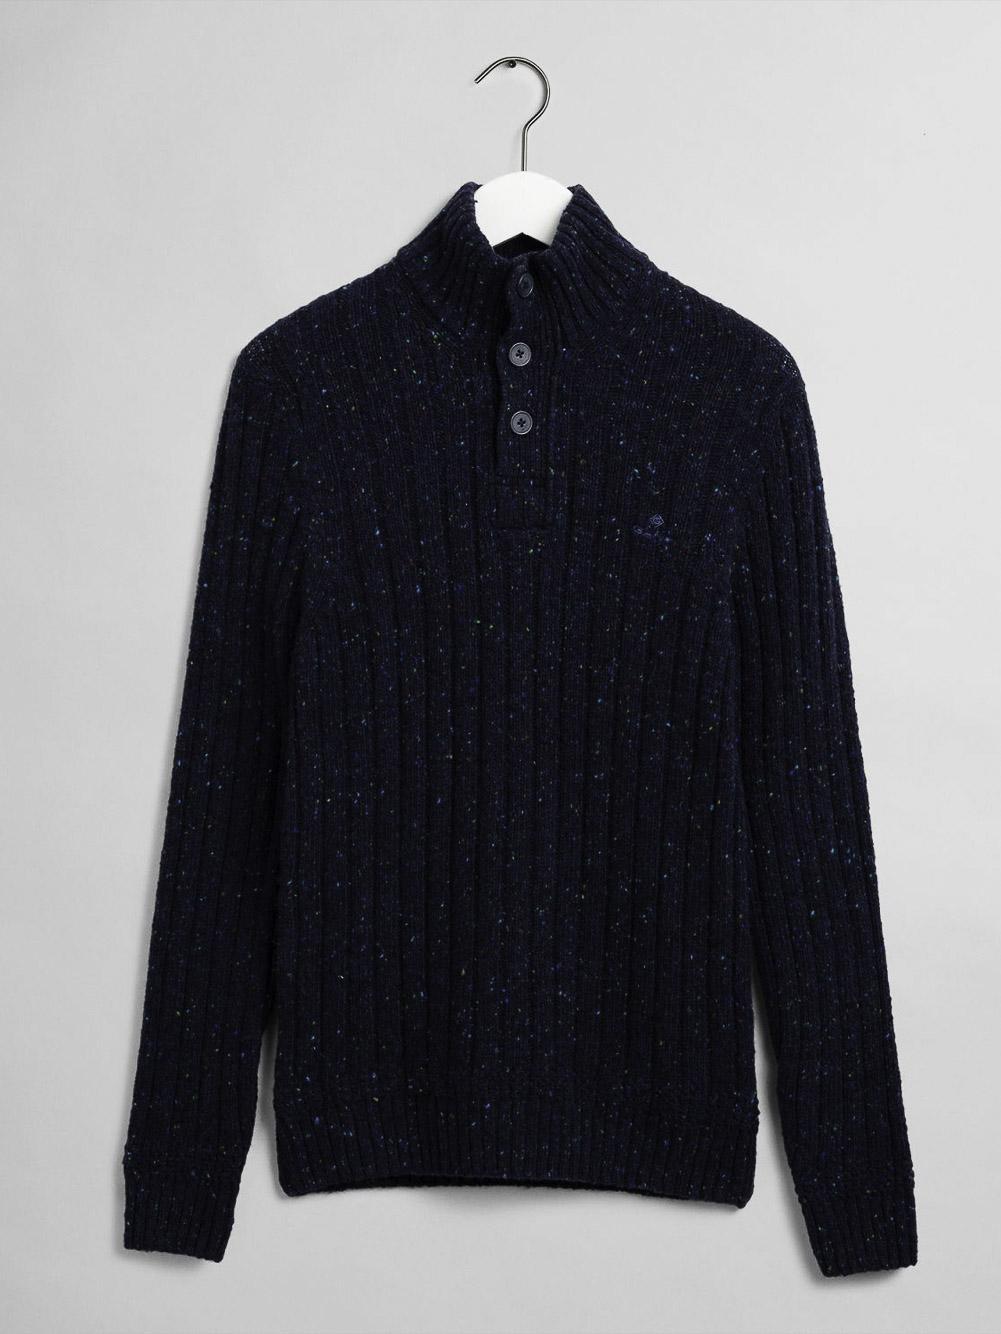 GANT Μπλούζα πουλόβερ 3G8040065-433 ΜΠΛΕ